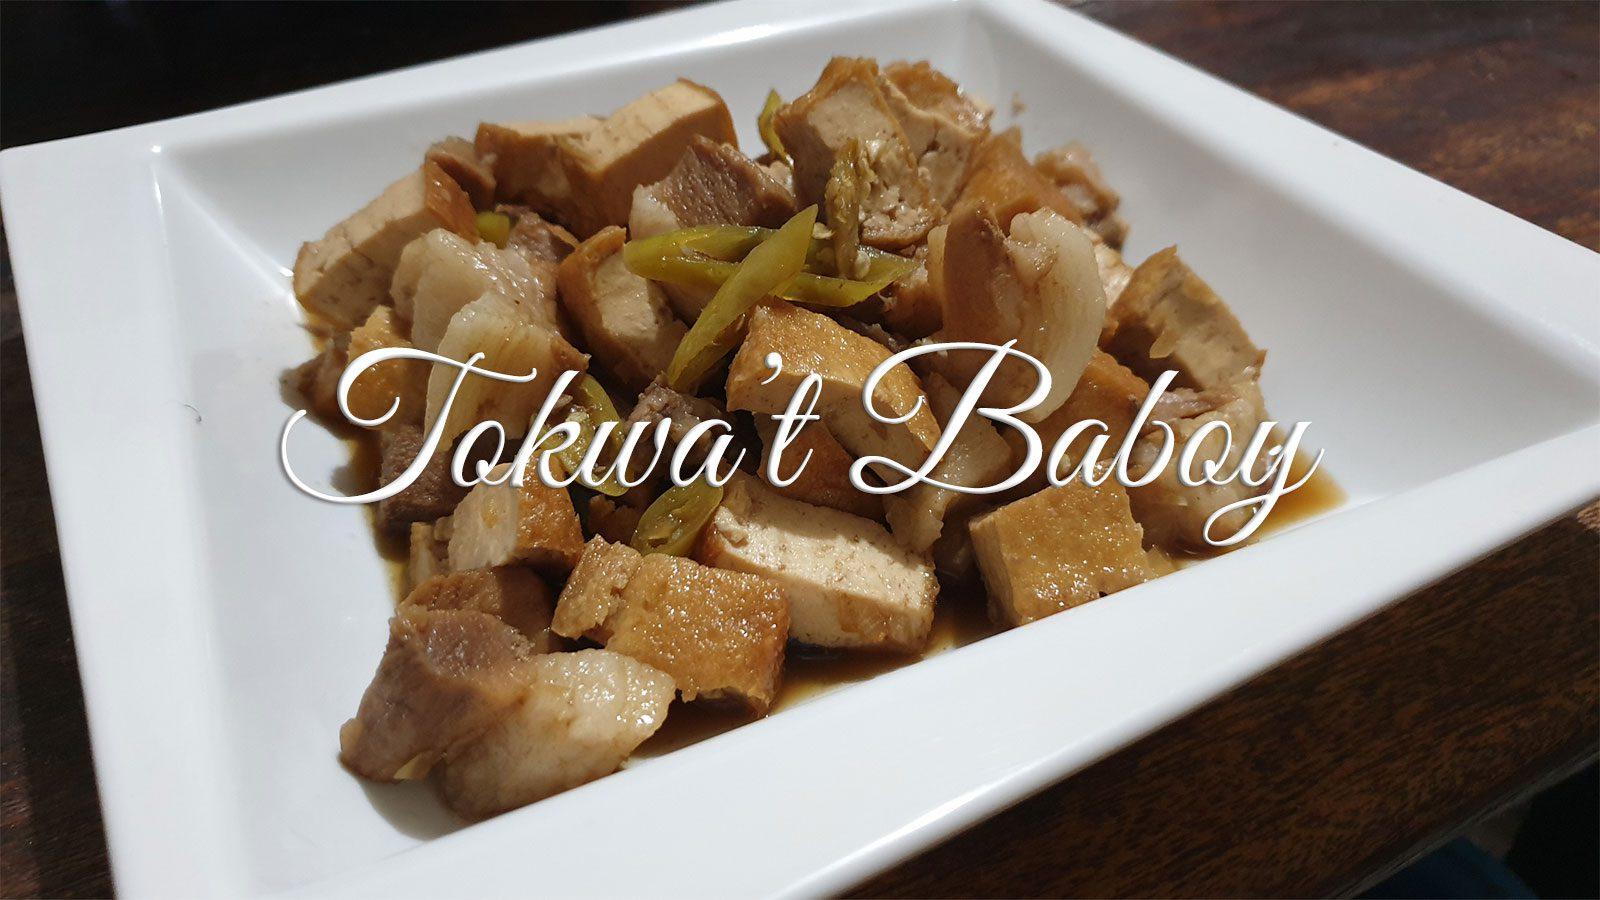 Recipe: Tokwa't Baboy